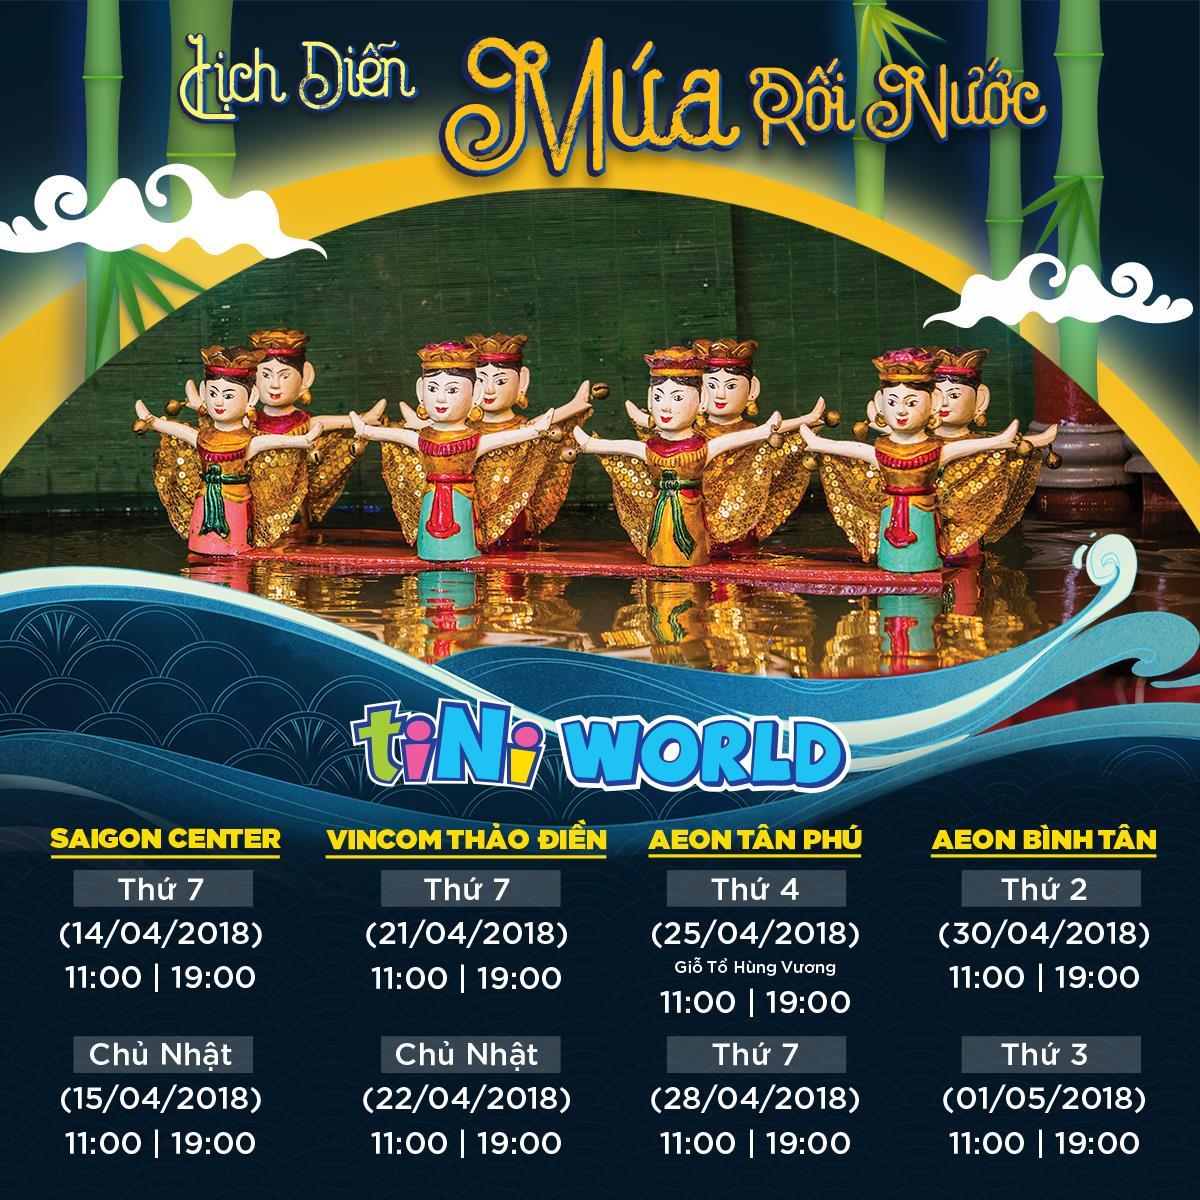 Múa rối nước được dàn dựng và trình diễn công phu tại trung tâm vui chơi